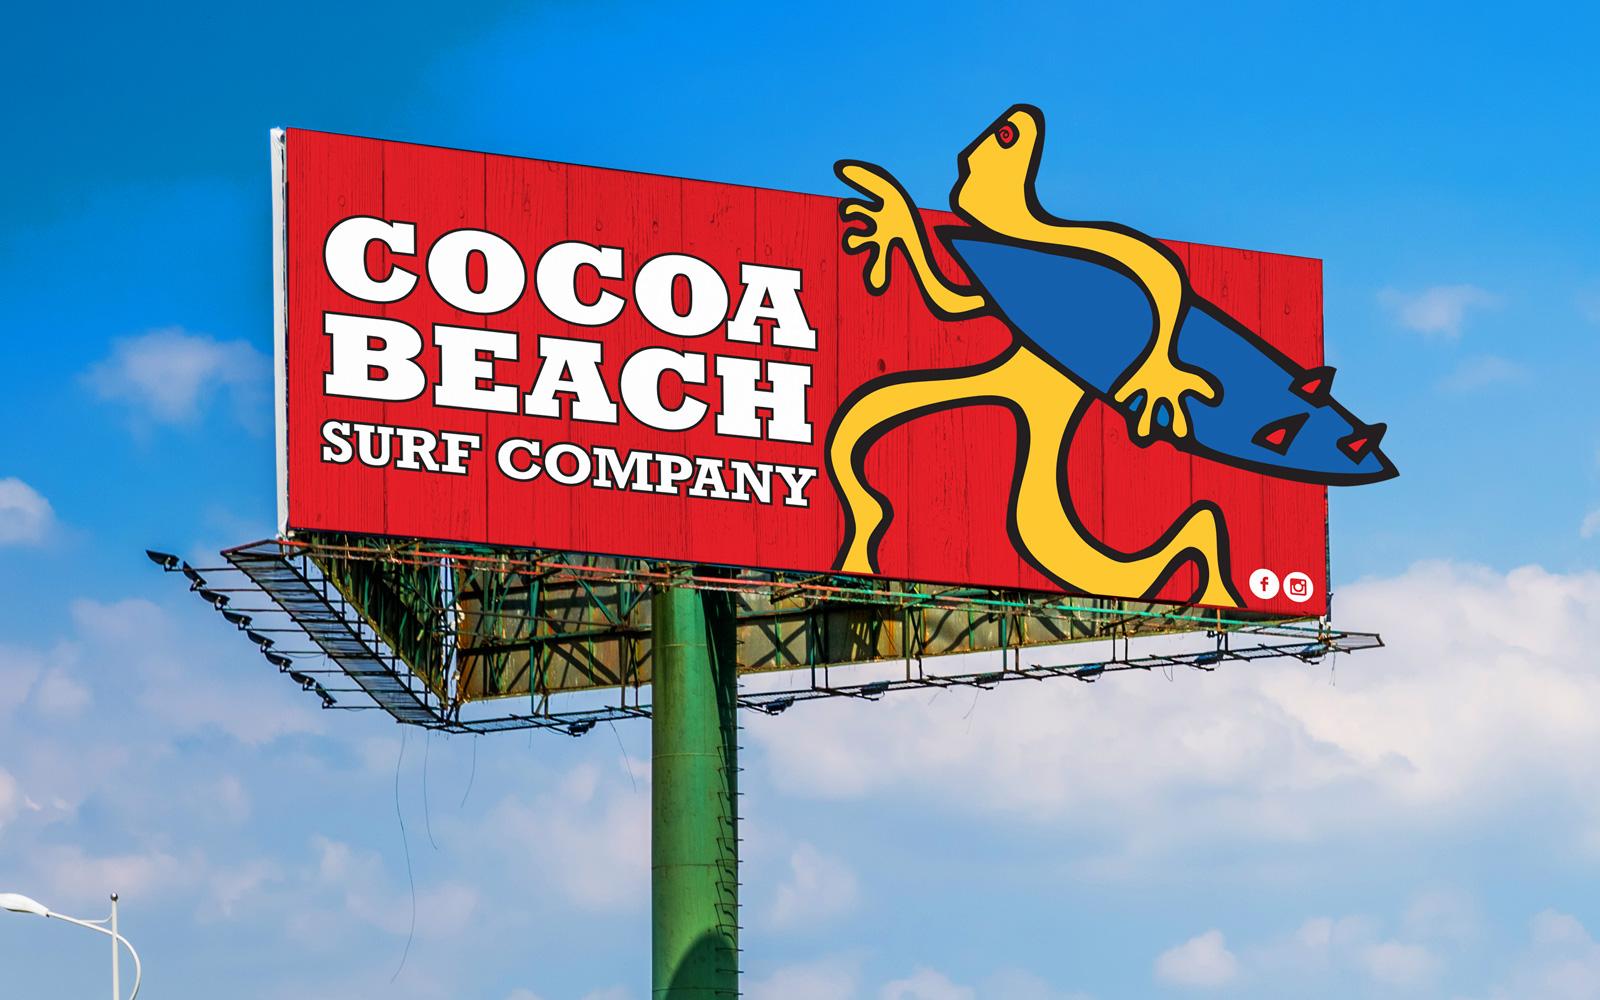 Cocoa Beach Surf Company Billboard design